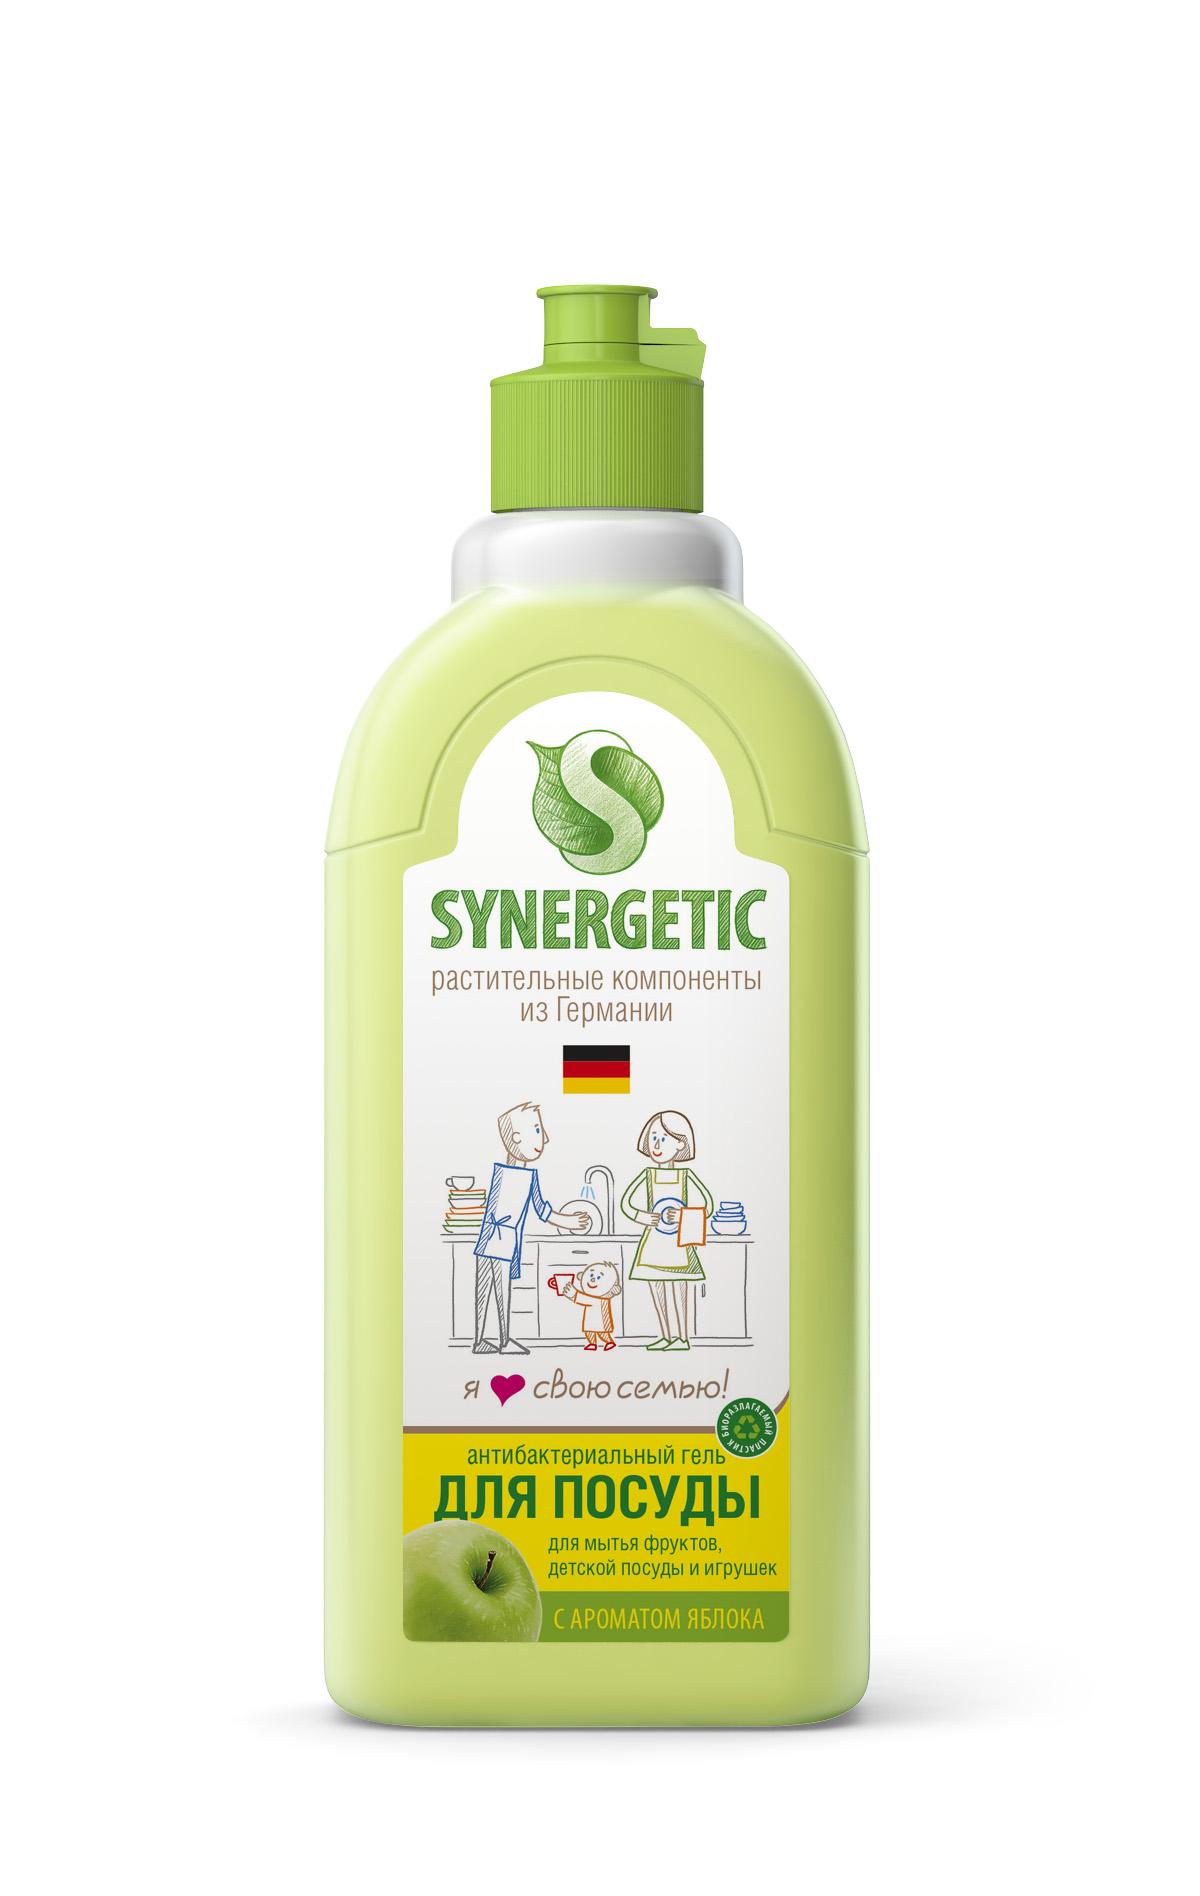 Средство для мытья посуды Synergetic, яблоко, 500 млSNG-103052Концентрированное ср-во для мытья всех видов посуды от любых видов загрязнений. Обладает 100% смываемостью, подходит для мытья фруктов, детской посуды и игрушек. Удаляет жир в ледяной воде.